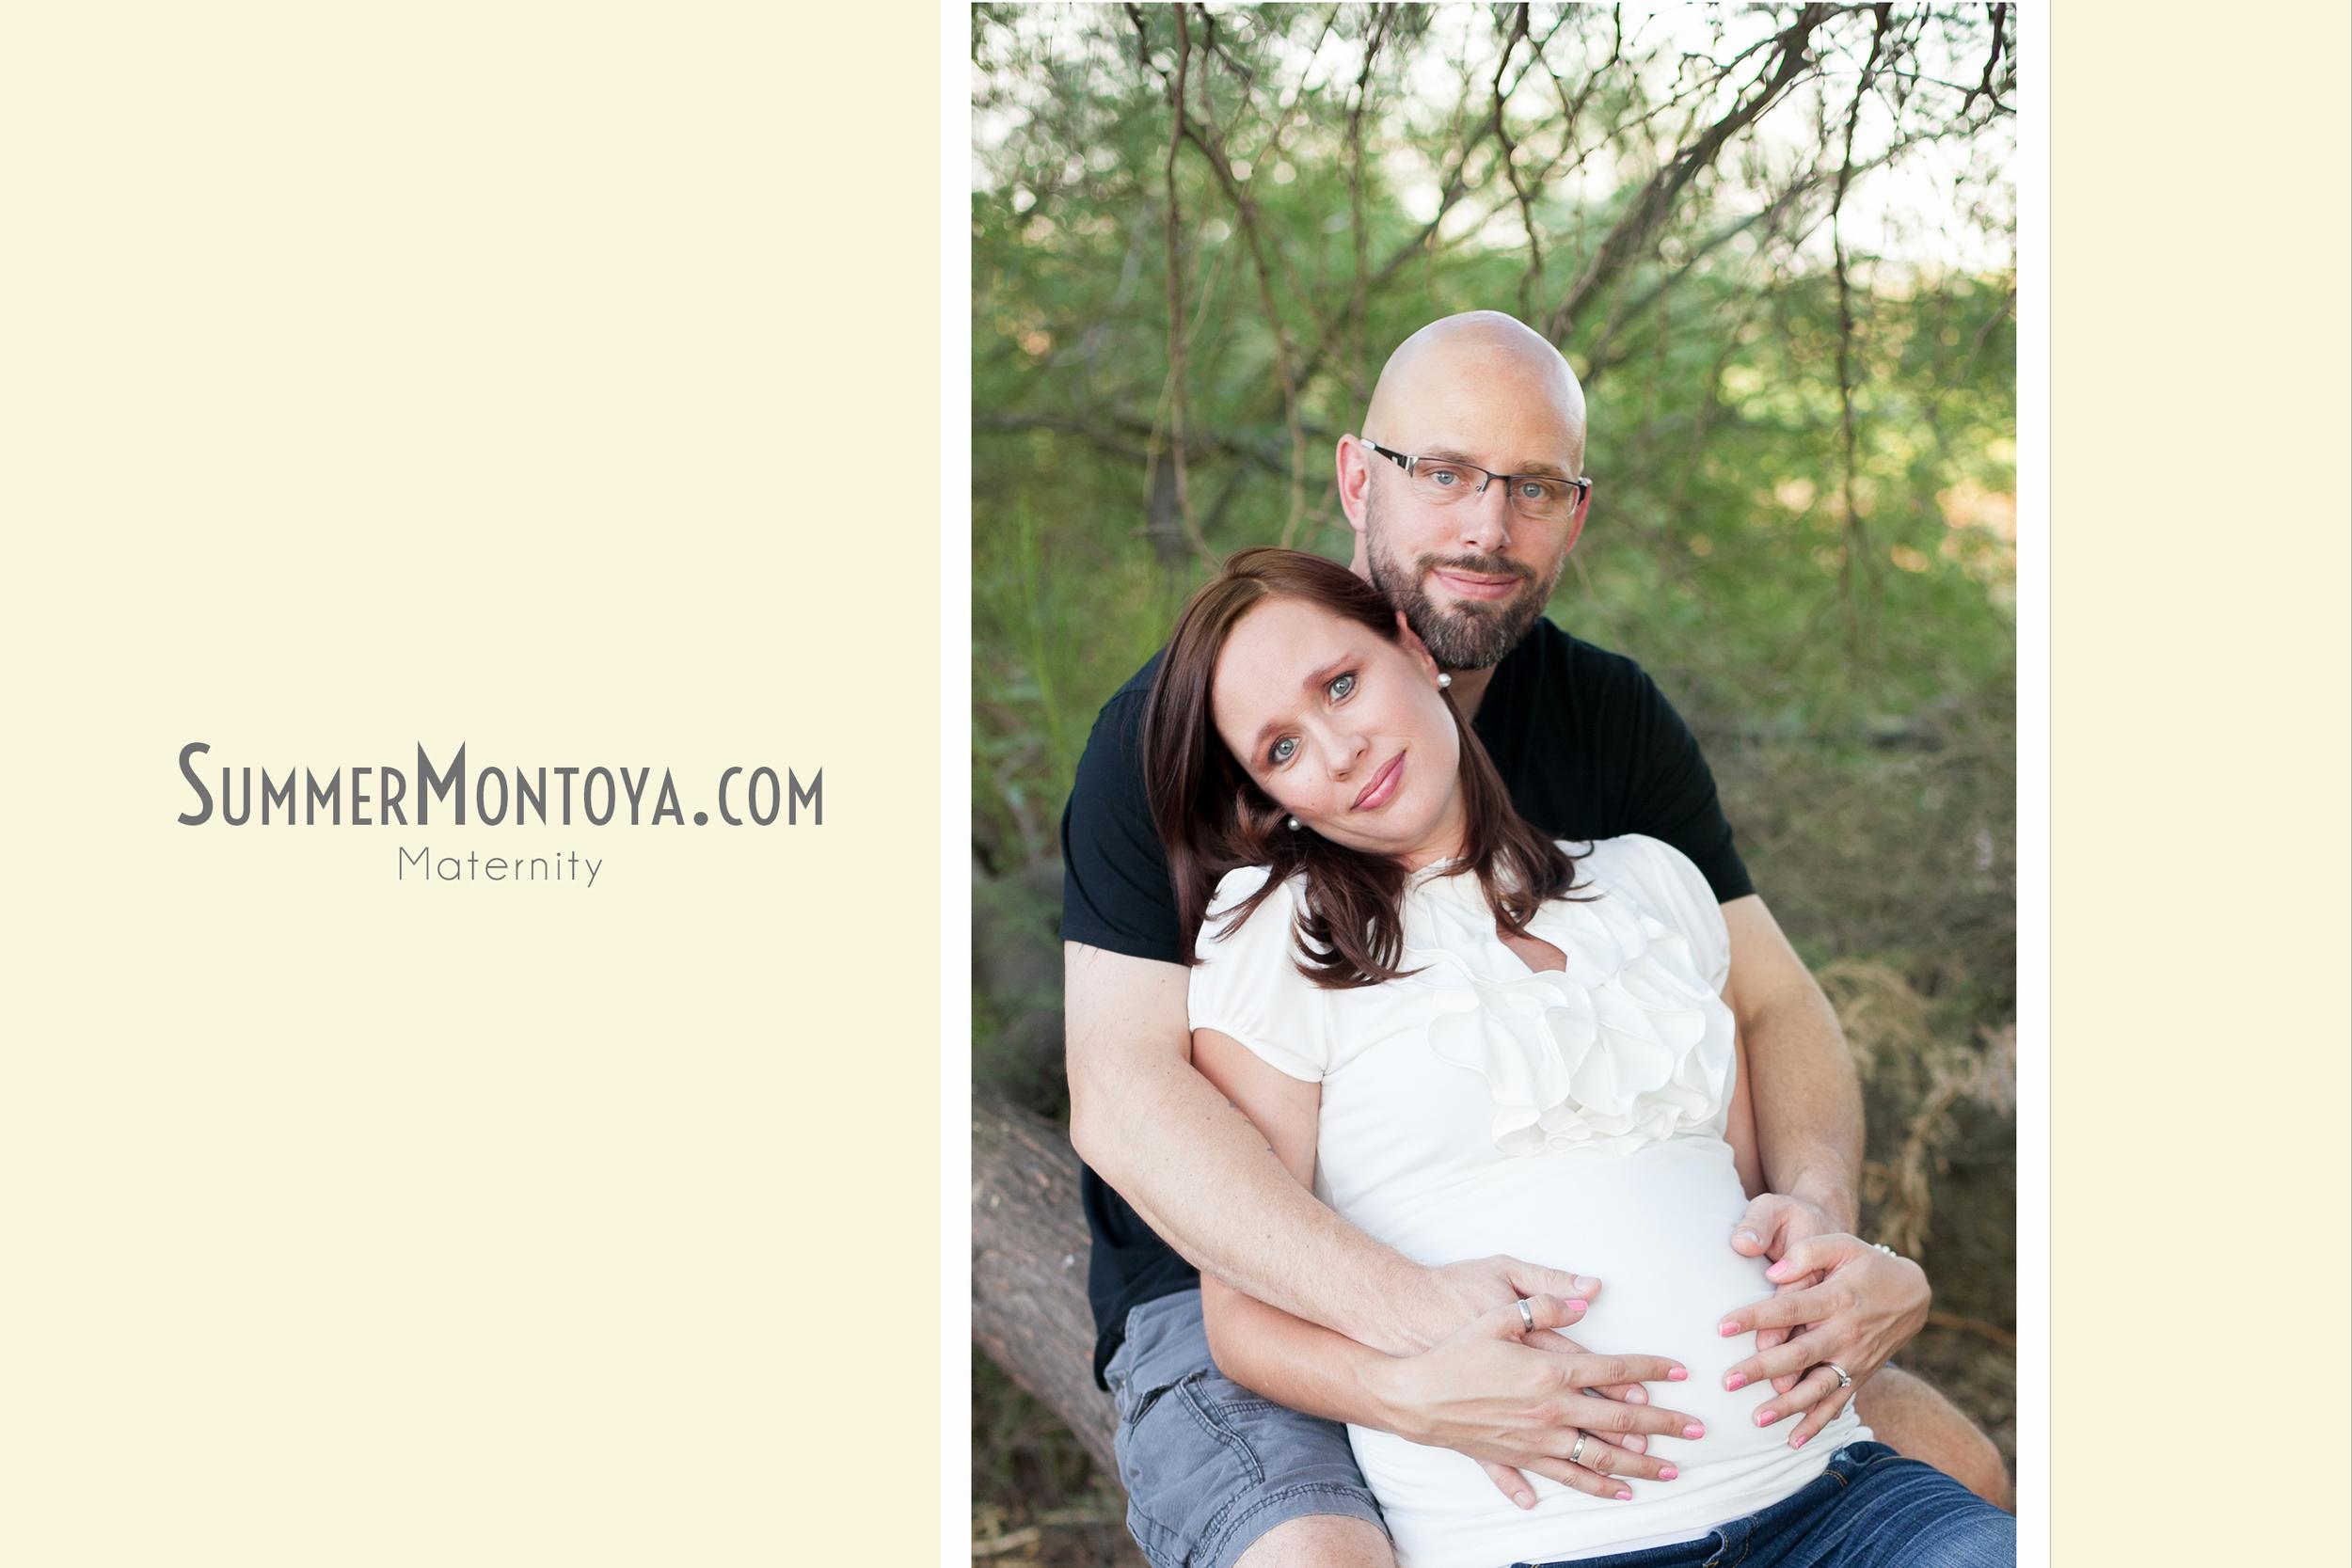 gilbert-maternity-photos-03